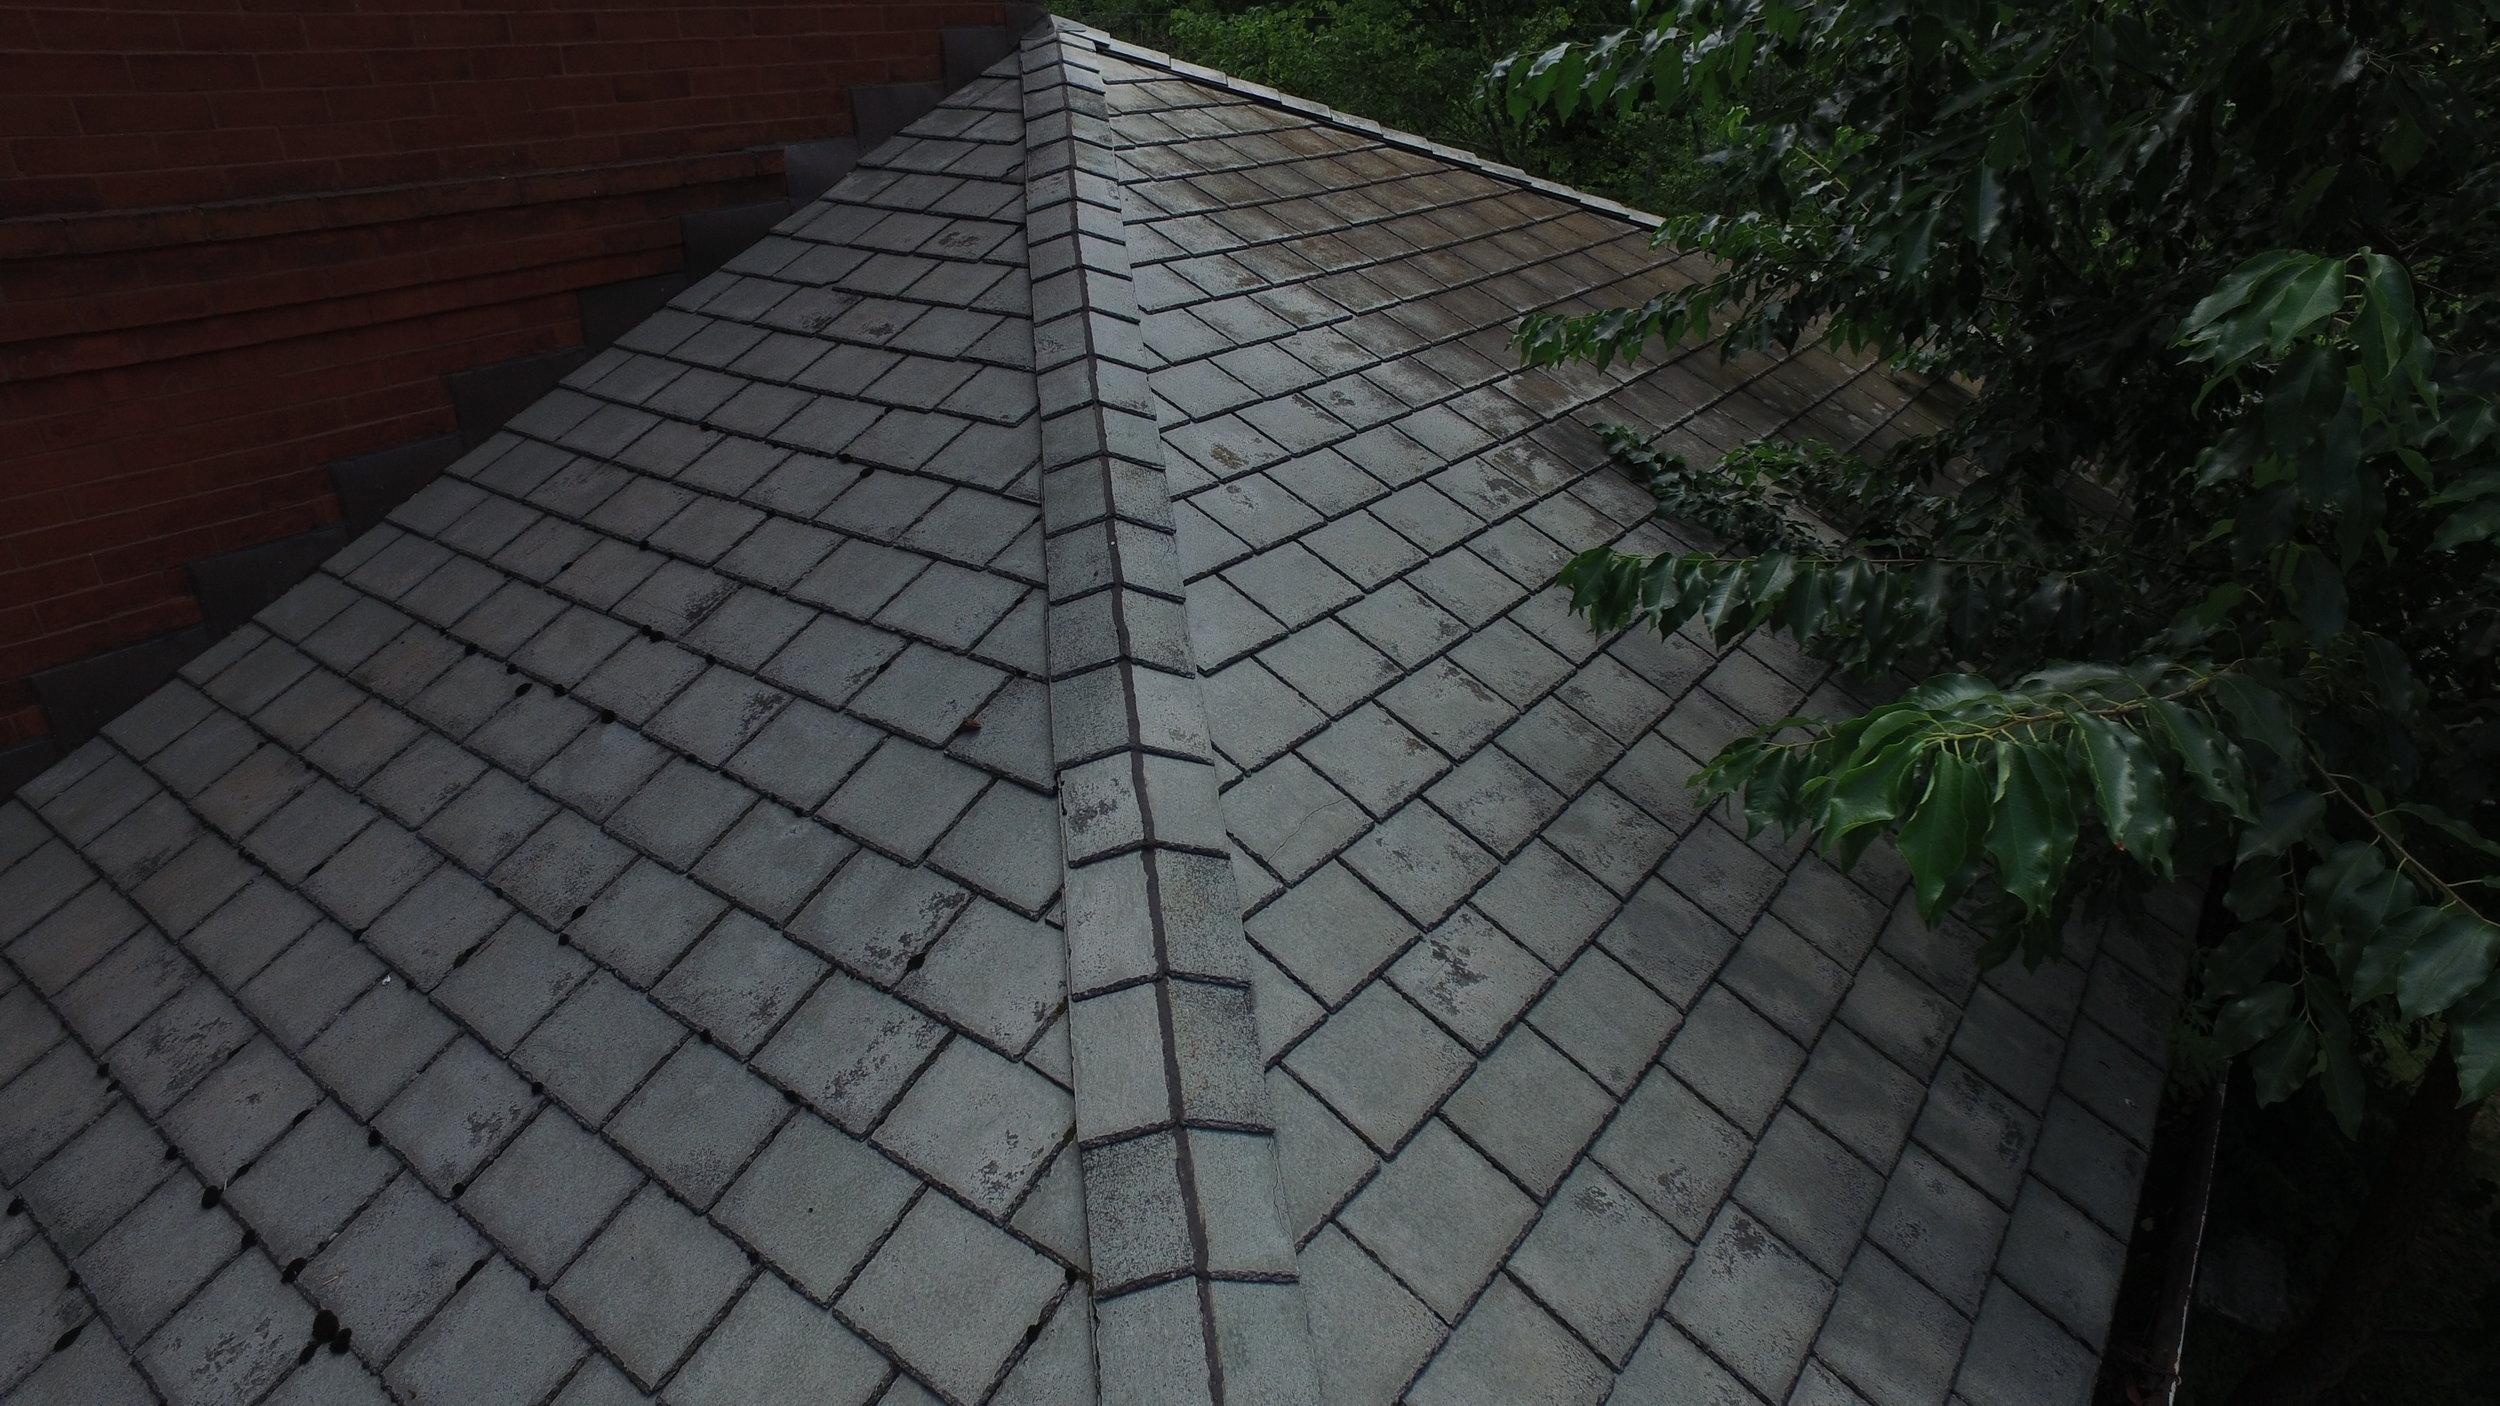 Hail Damage To Tile.JPG